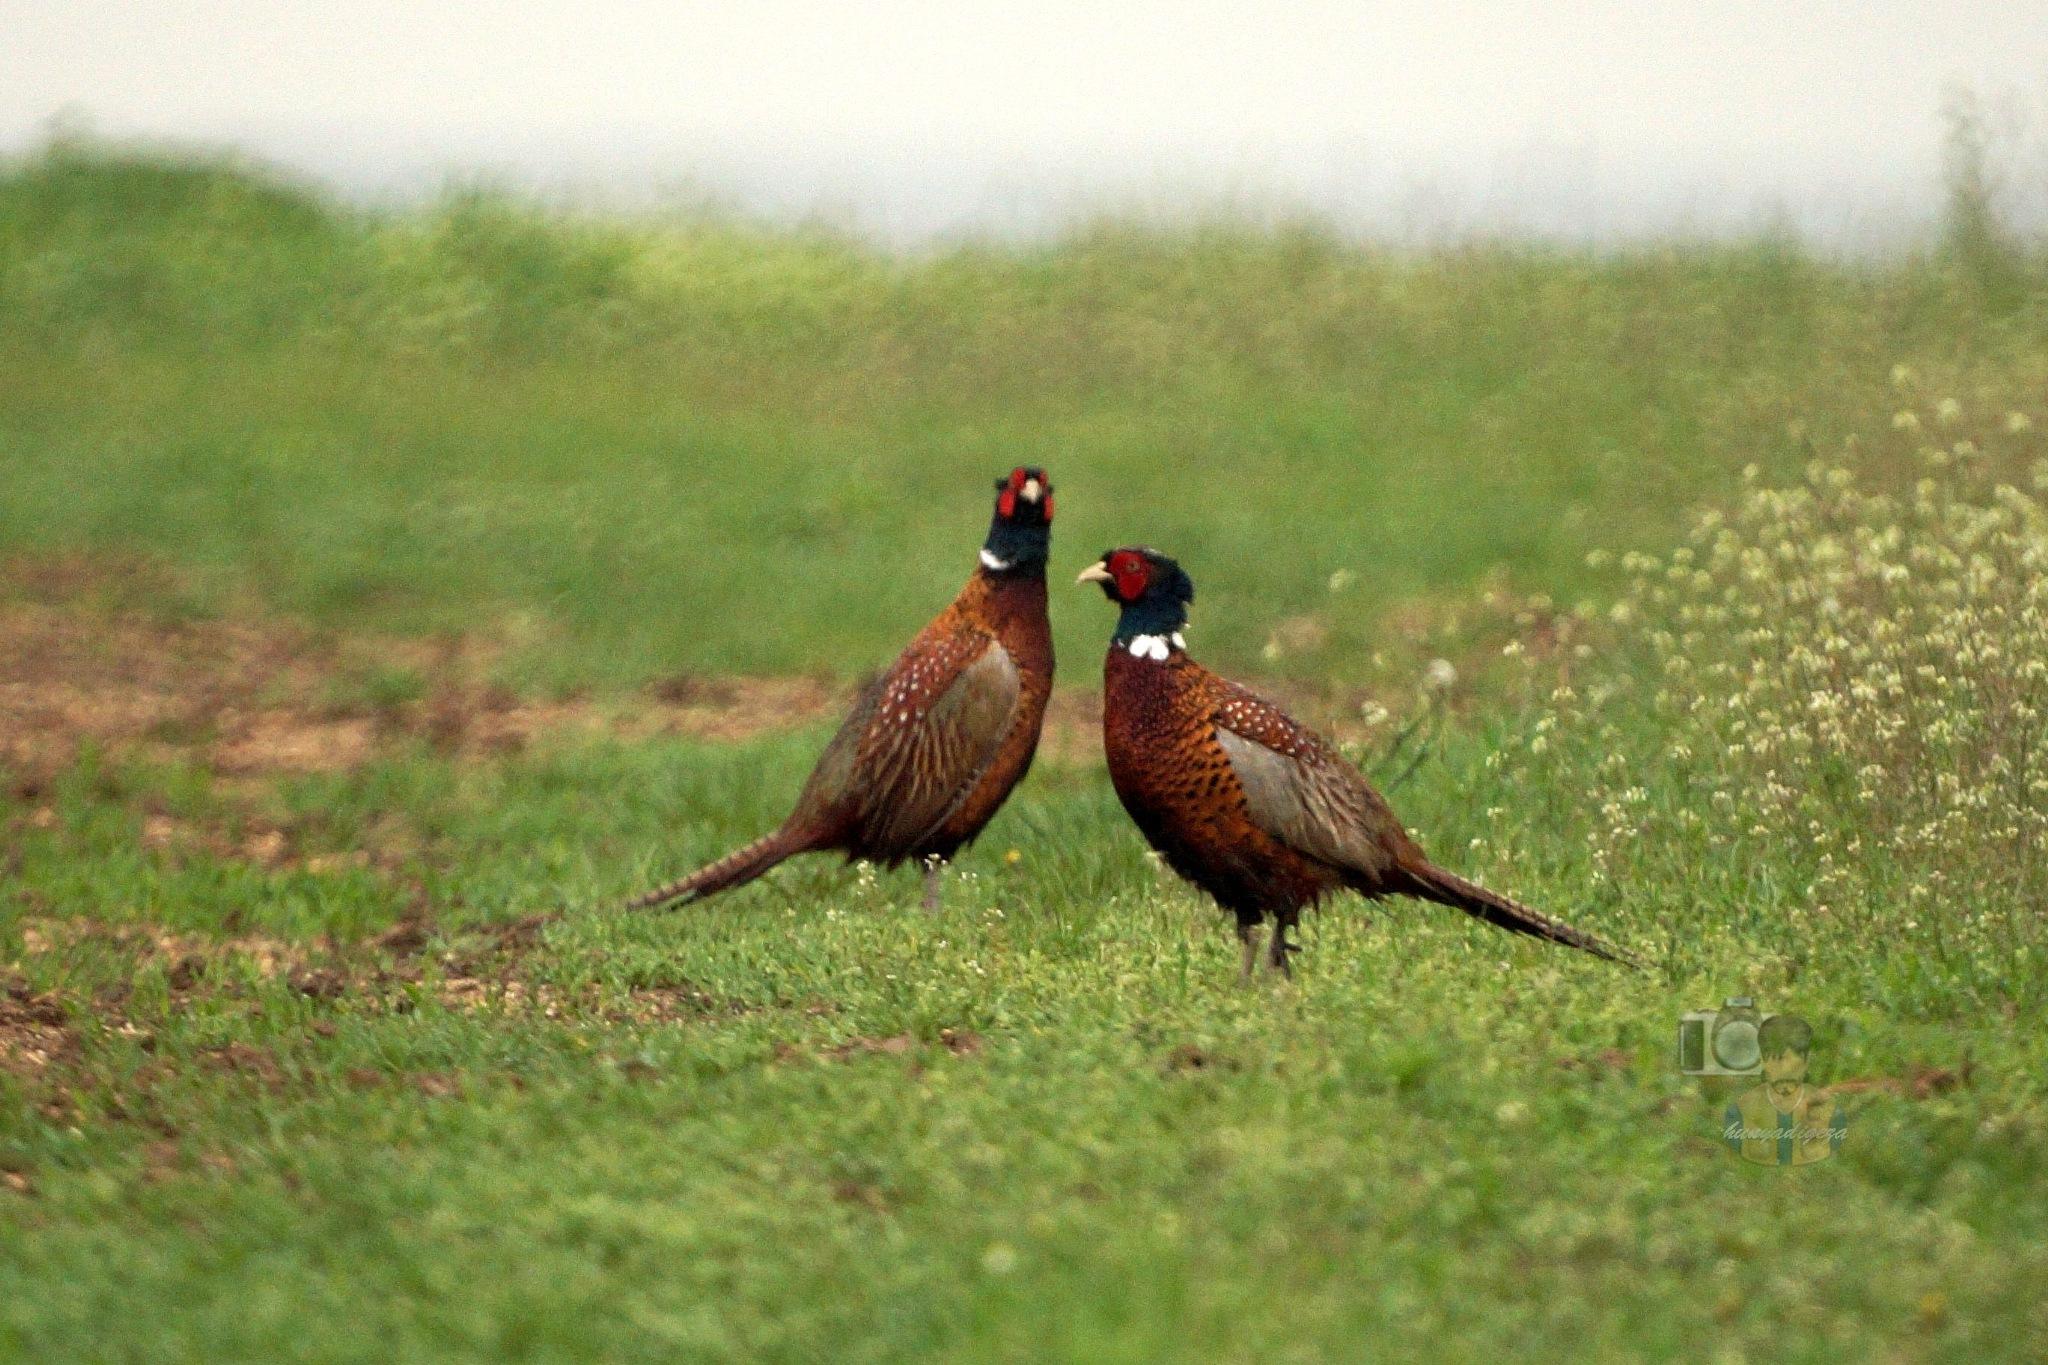 May.05, Pheasant cocks in rain by hunyadigeza